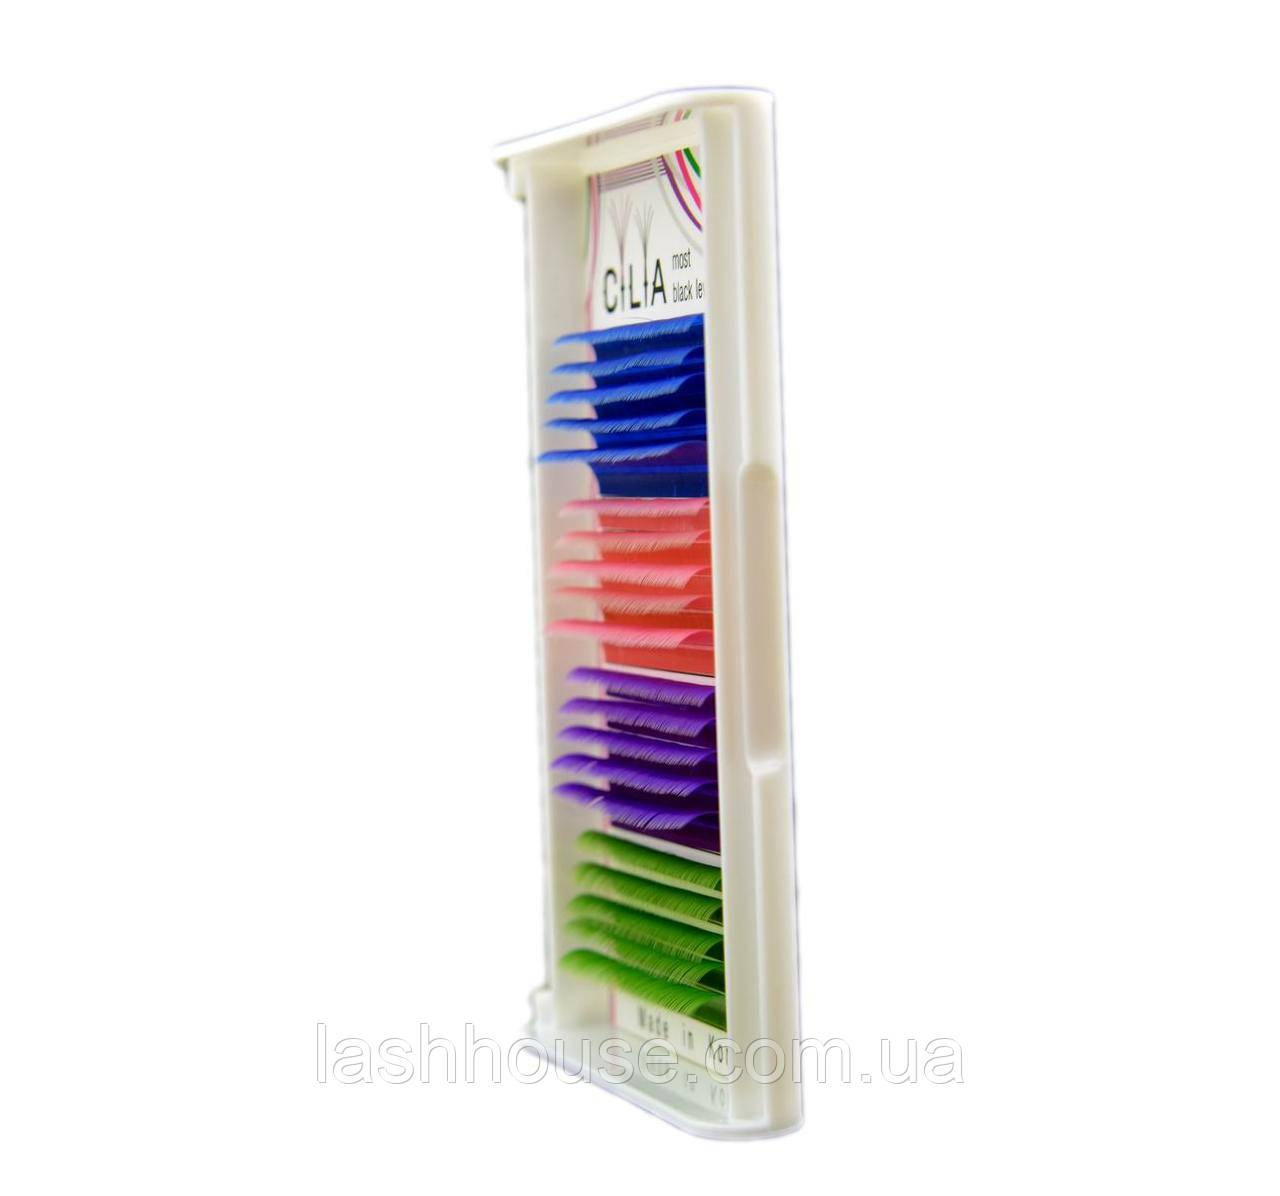 Cilia цветные ресницы Smix (4 цвета)